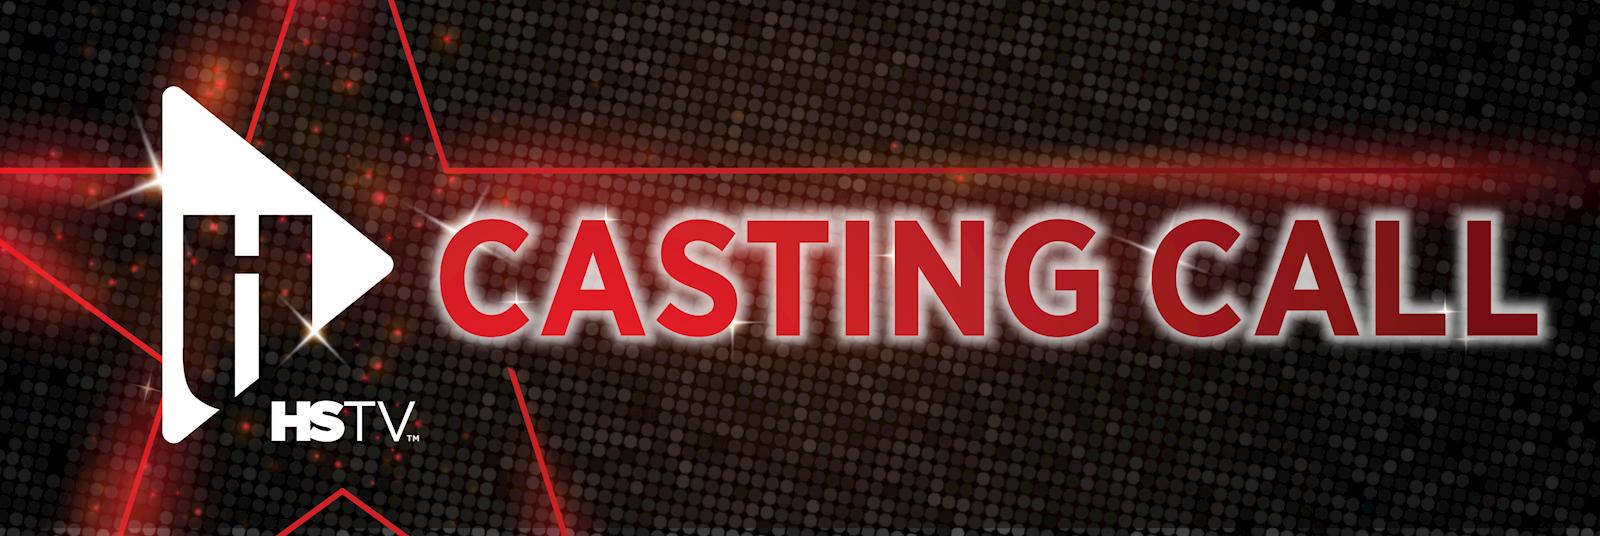 HSTV Casting Call